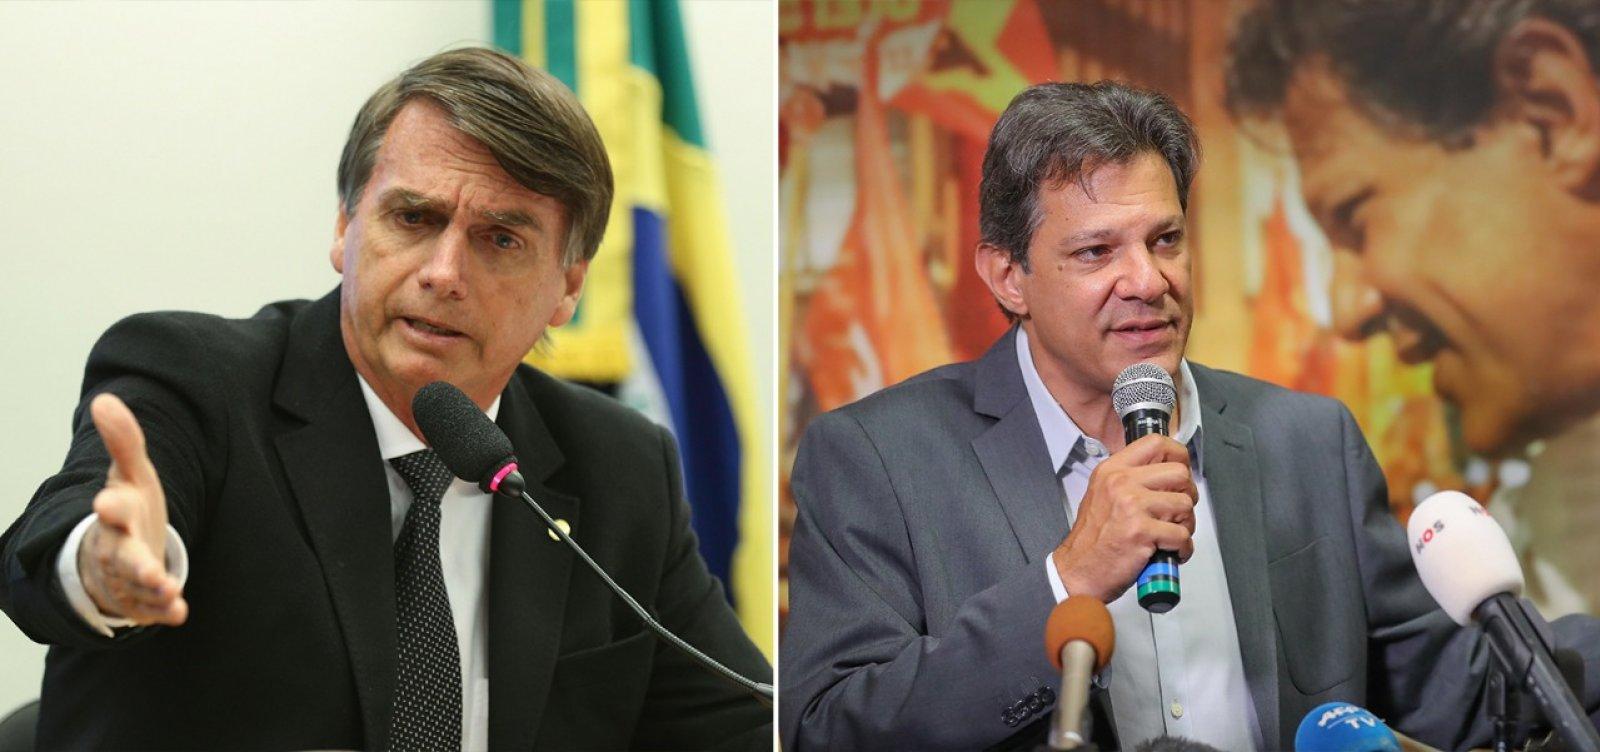 [Datafolha: Eleitores votam em Bolsonaro por renovação; em Haddad por rejeição a Bolsonaro]